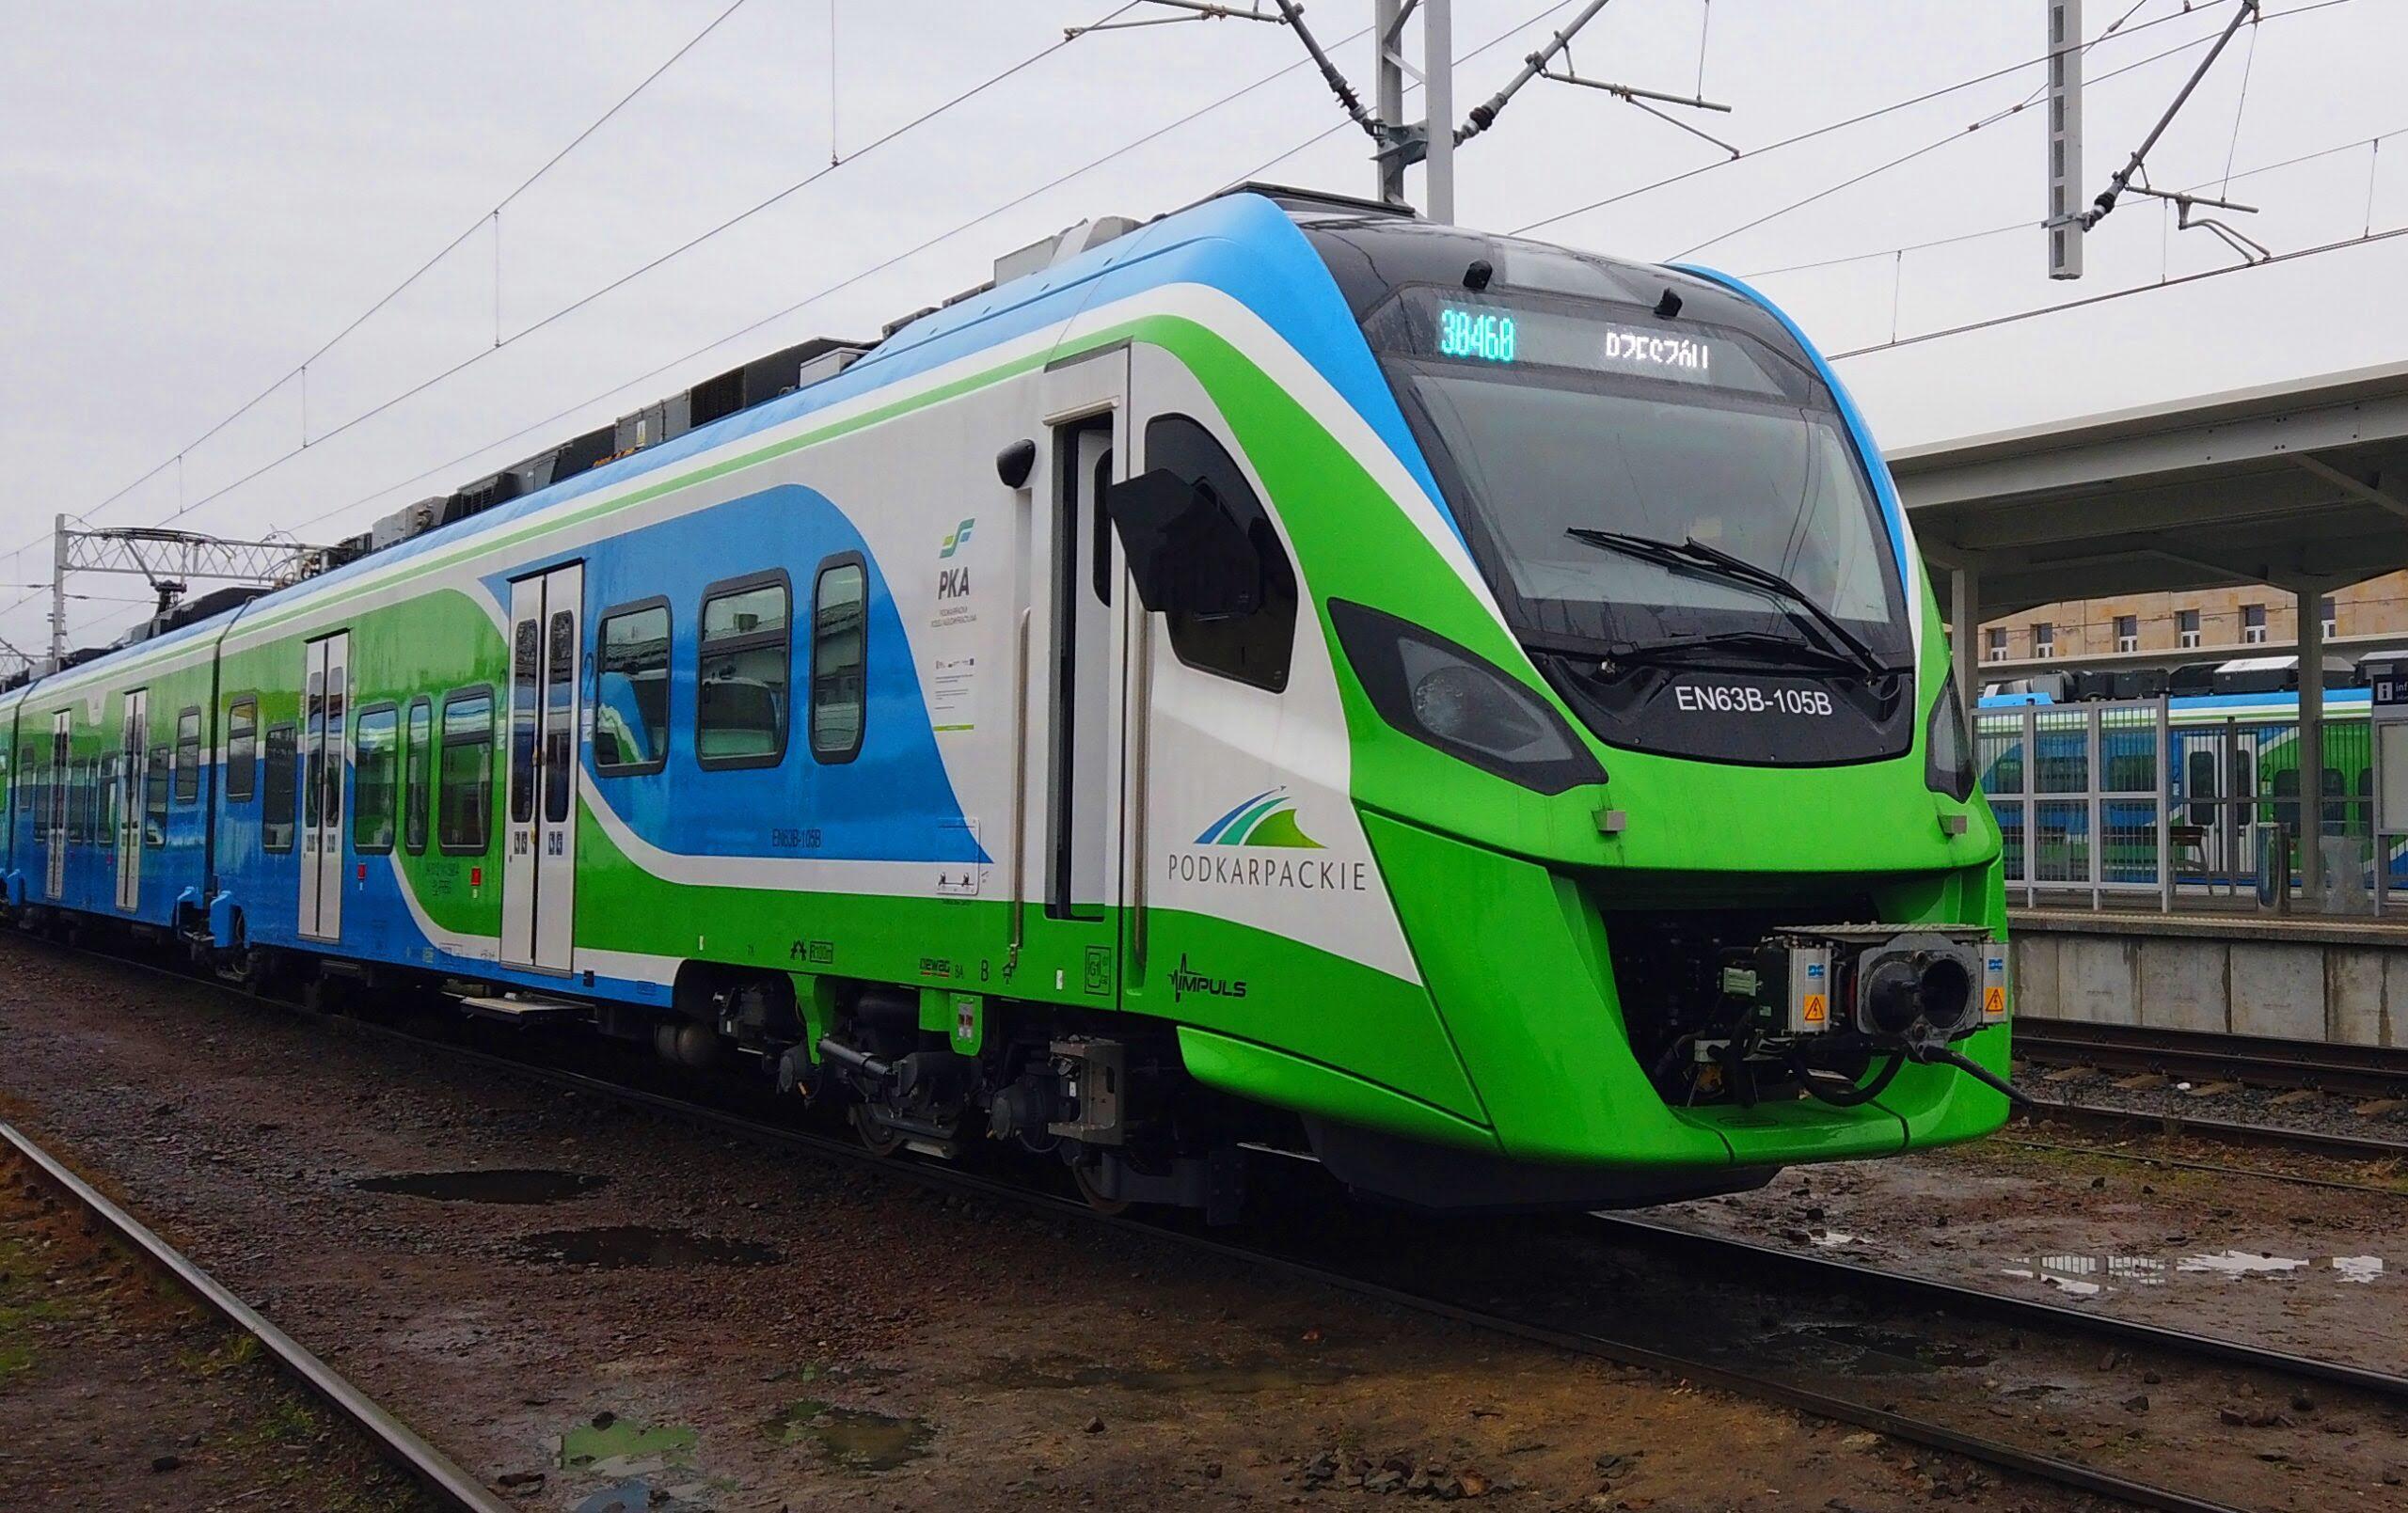 Ruszyły pierwsze kursy pociągów wramach Podkarpackiej Kolei Aglomeracyjnej